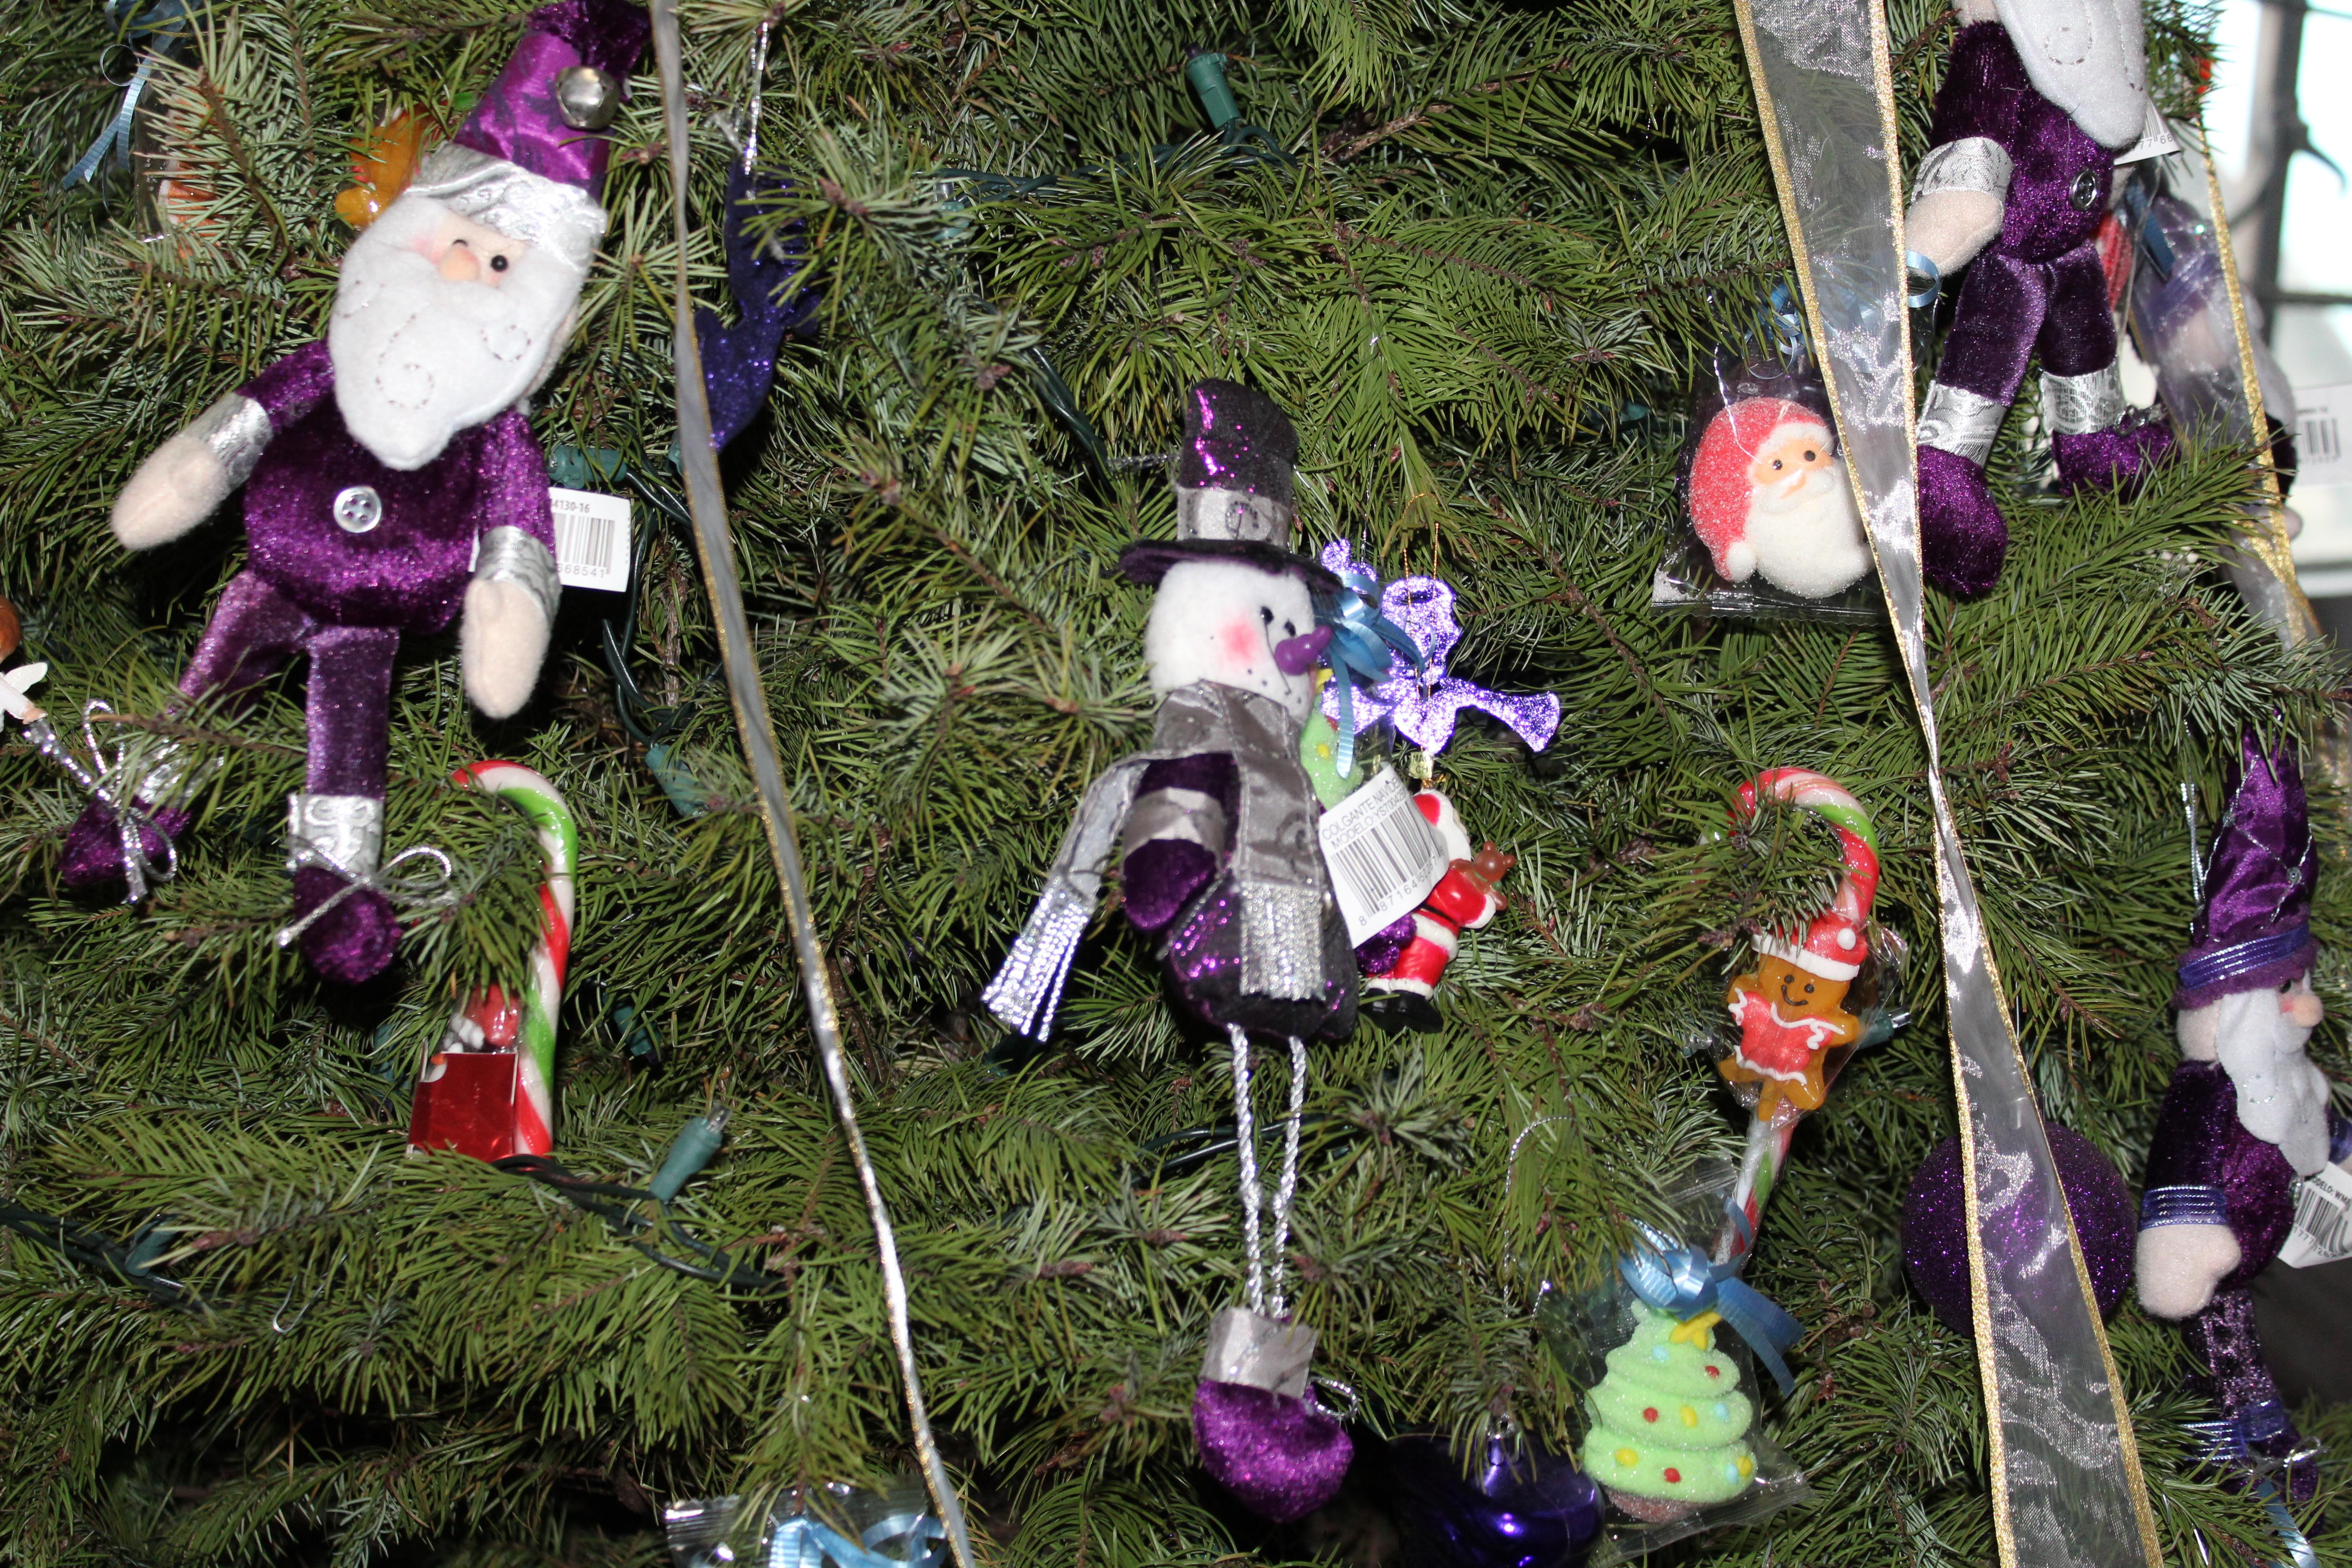 Images Gratuites : Noël, Pelouse, plante, arbre, nain de jardin ...